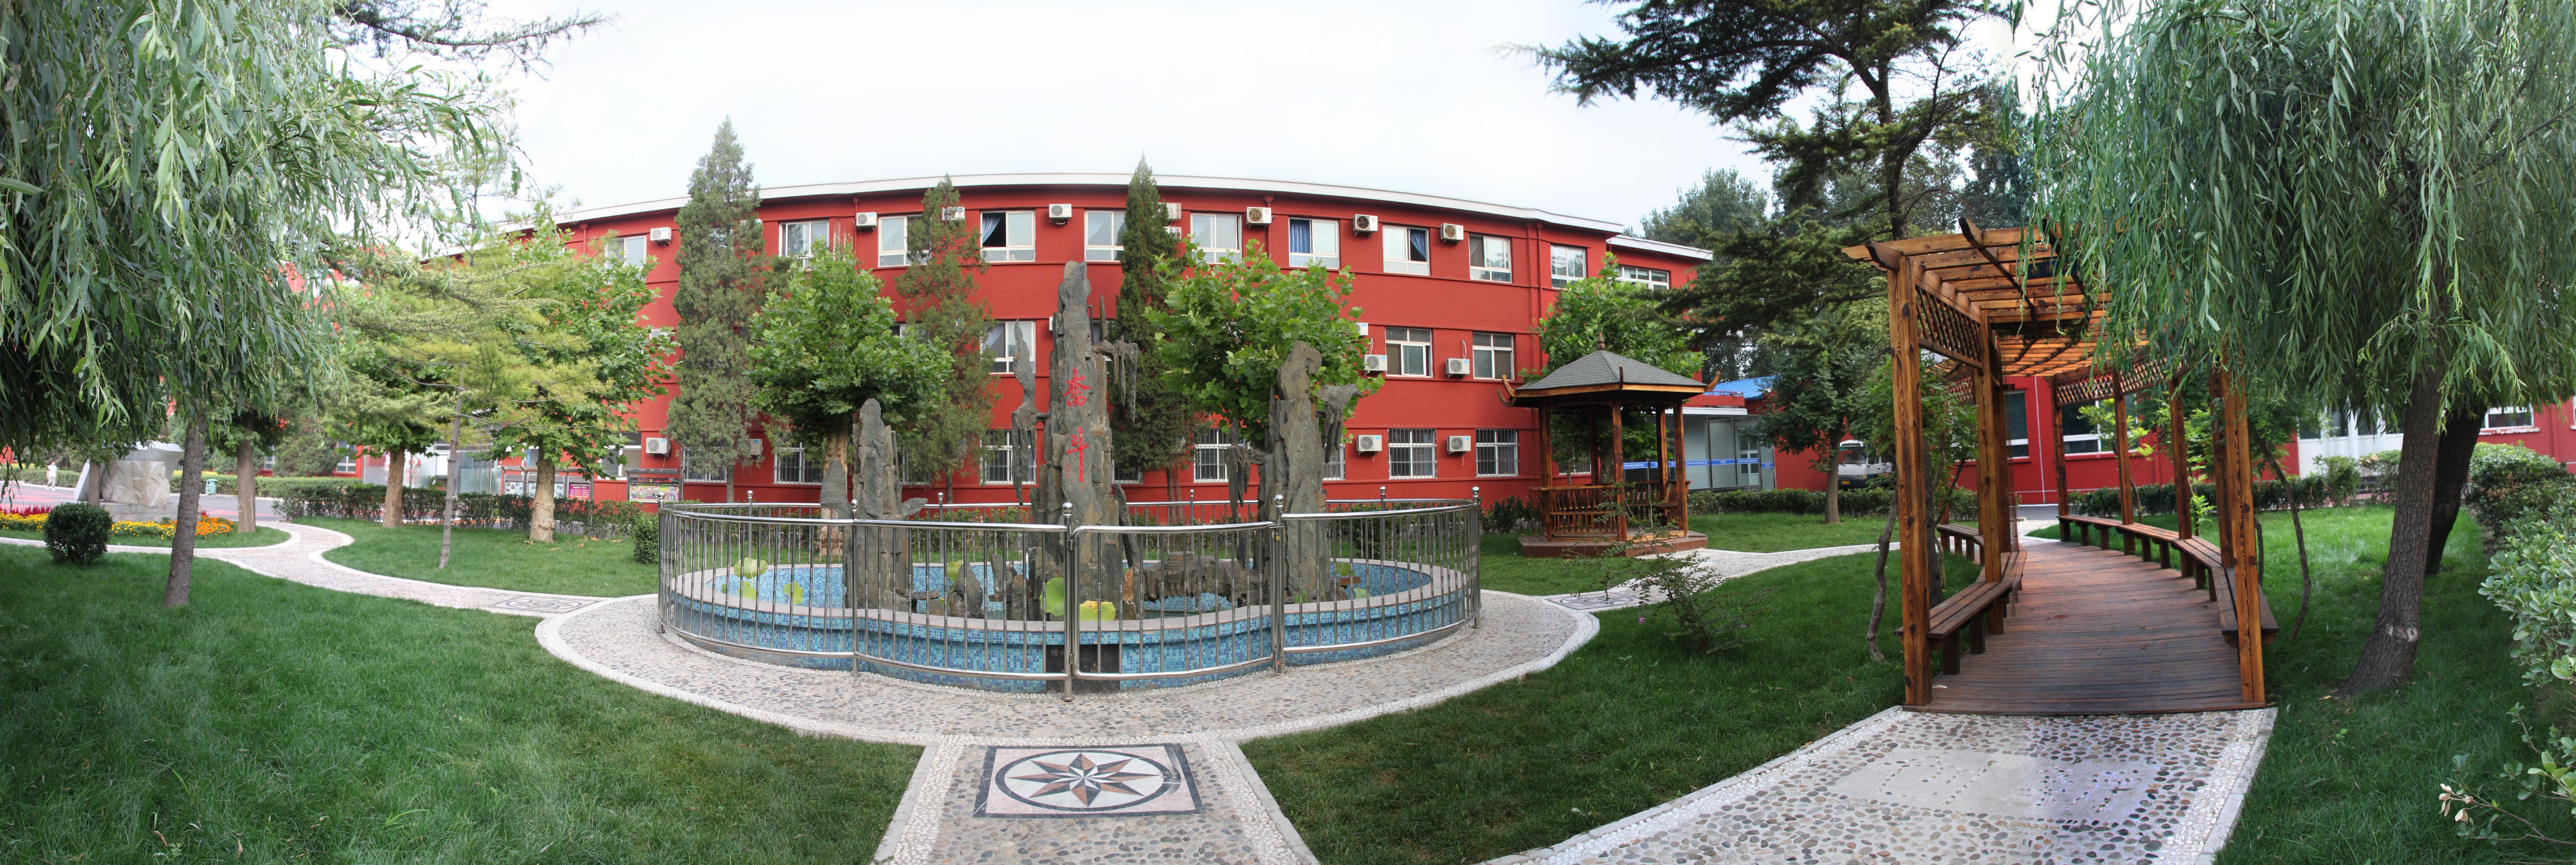 北京市中关村外国语学校2013校园环境改善